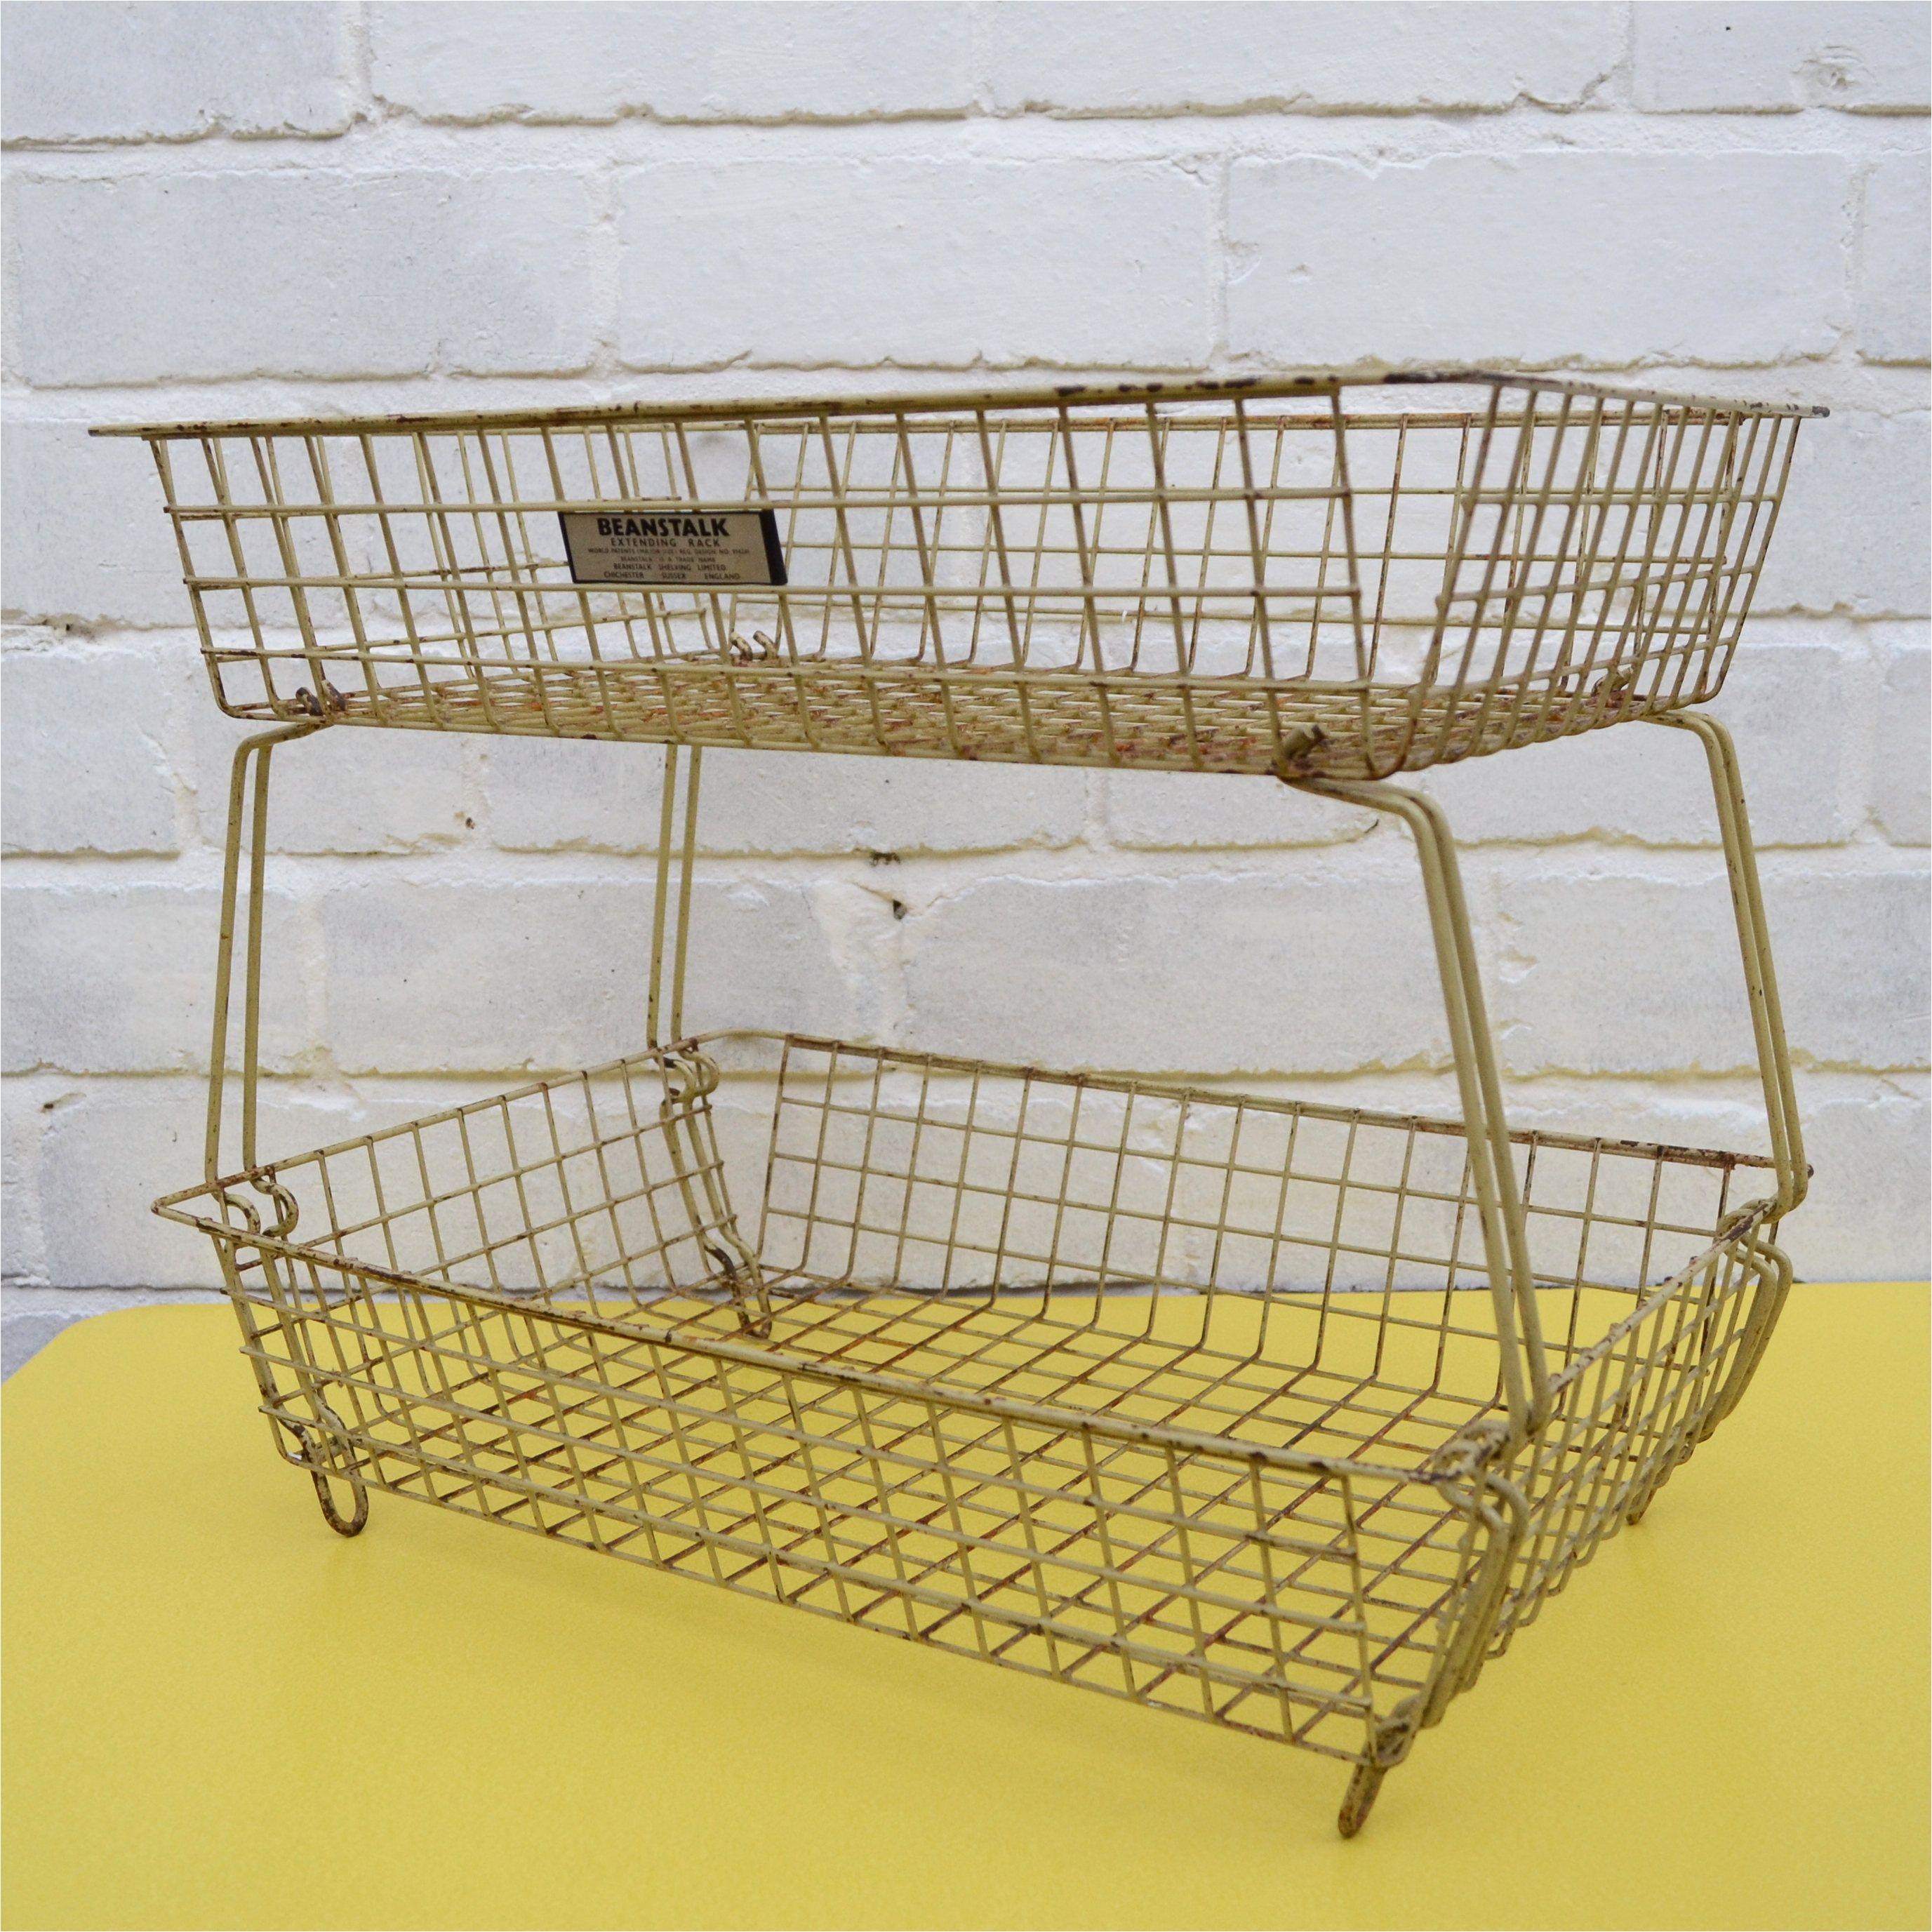 vintage beanstalk extending rack industrial wire basket rustic vegetable rack wire in trays